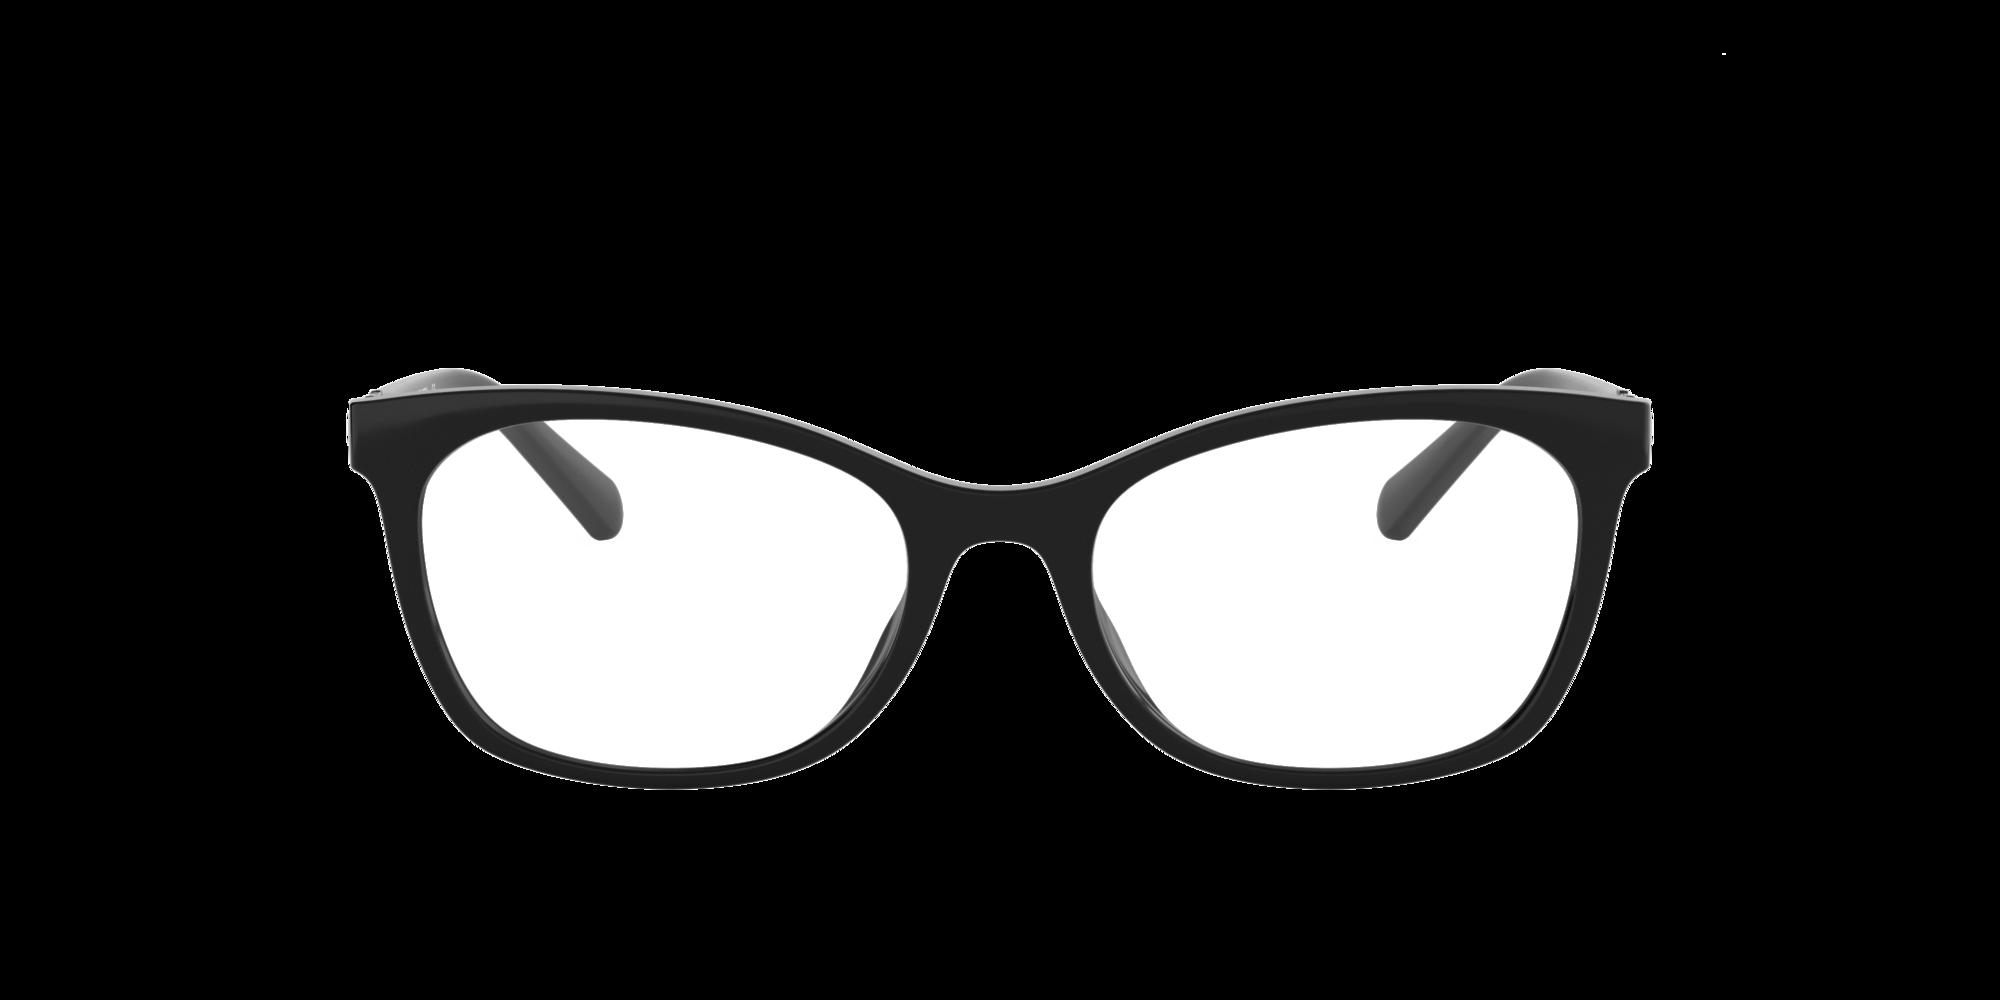 Imagen para HC6127U de LensCrafters |  Espejuelos, espejuelos graduados en línea, gafas